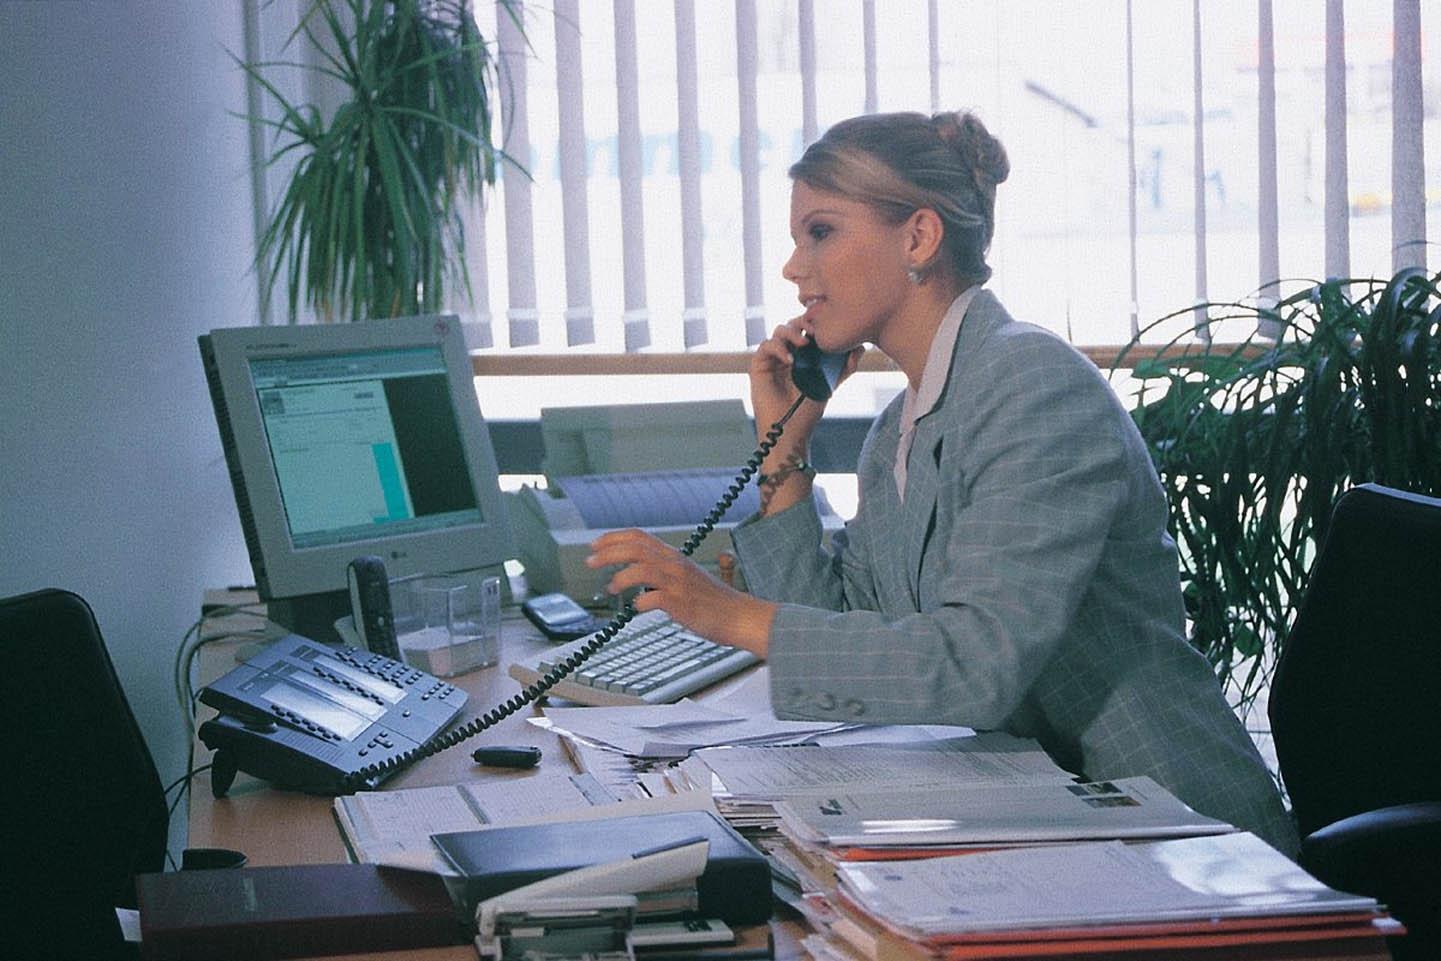 Kurioses Aastra-DeTeWe-Pressefoto. So sah es noch in den 1980er Jahren in den Büros aus. :-)